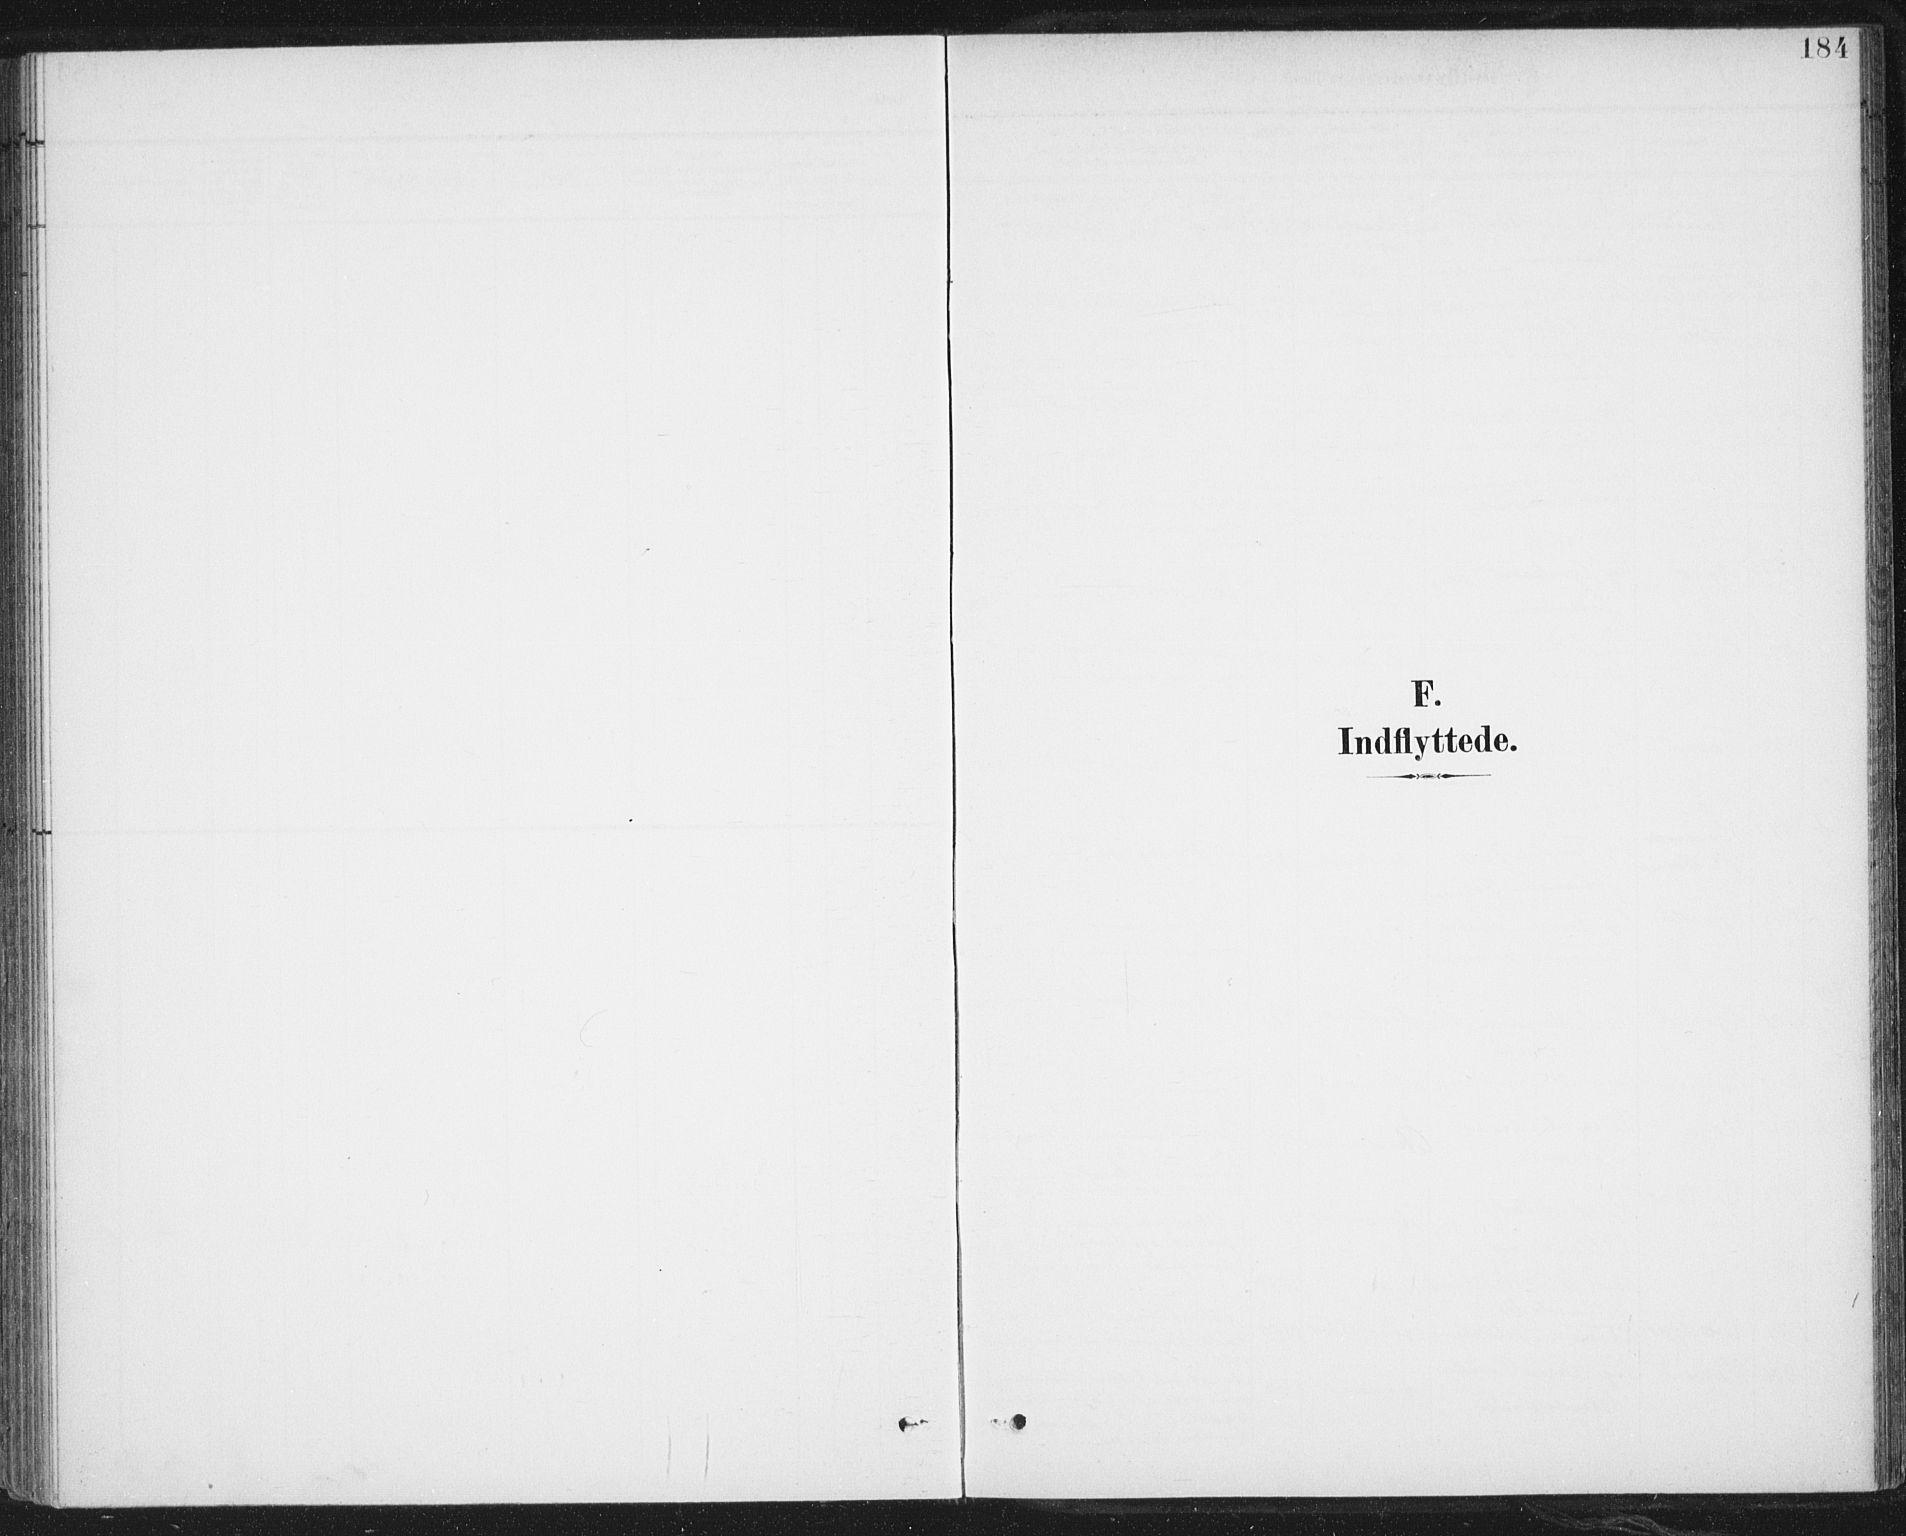 SAT, Ministerialprotokoller, klokkerbøker og fødselsregistre - Nordland, 899/L1437: Parish register (official) no. 899A05, 1897-1908, p. 184